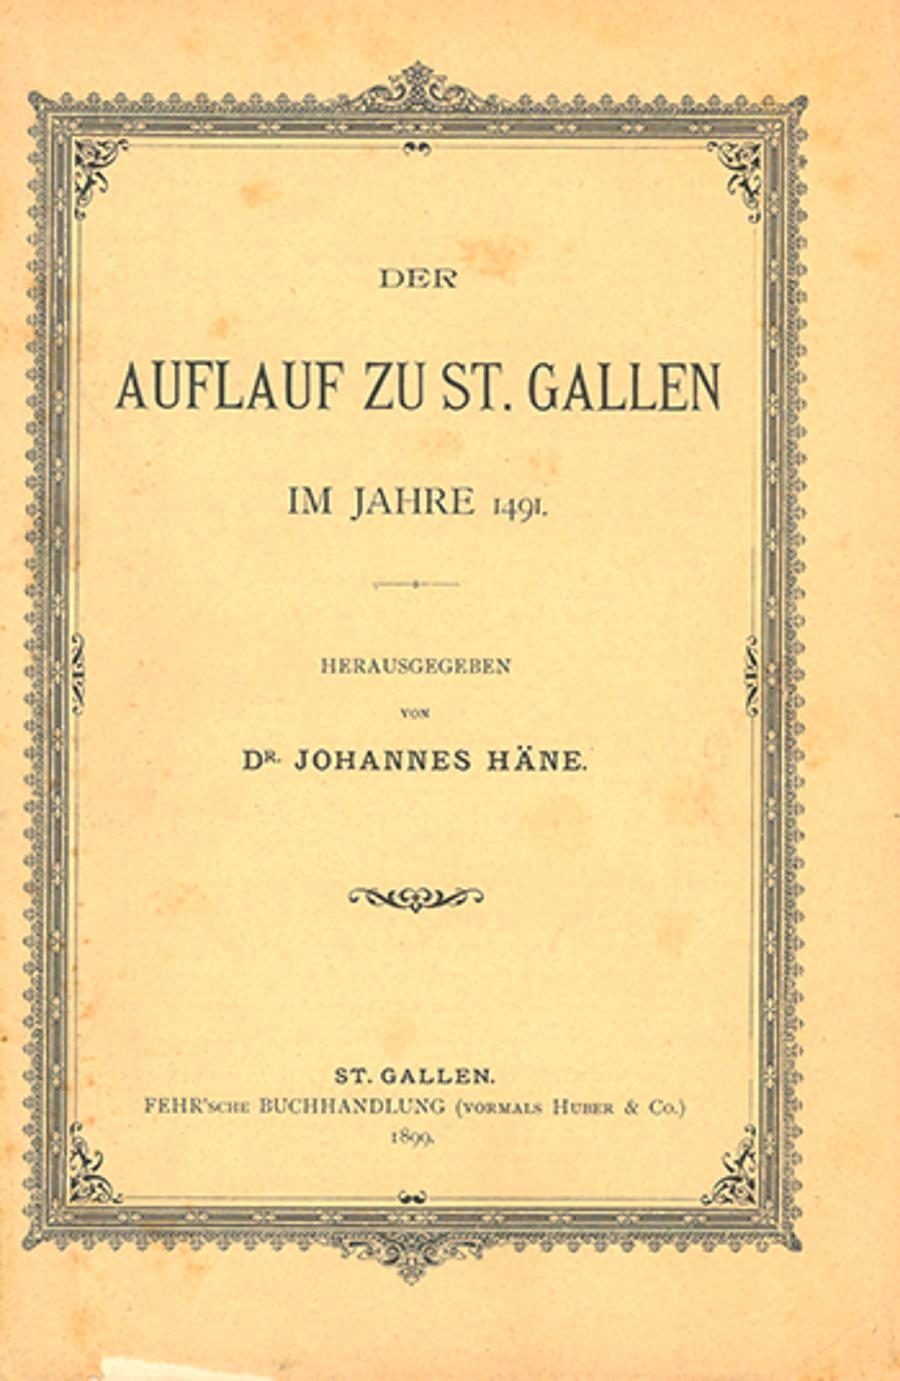 Der Auflauf zu St. Gallen  <p><p>im Jahre 1491.